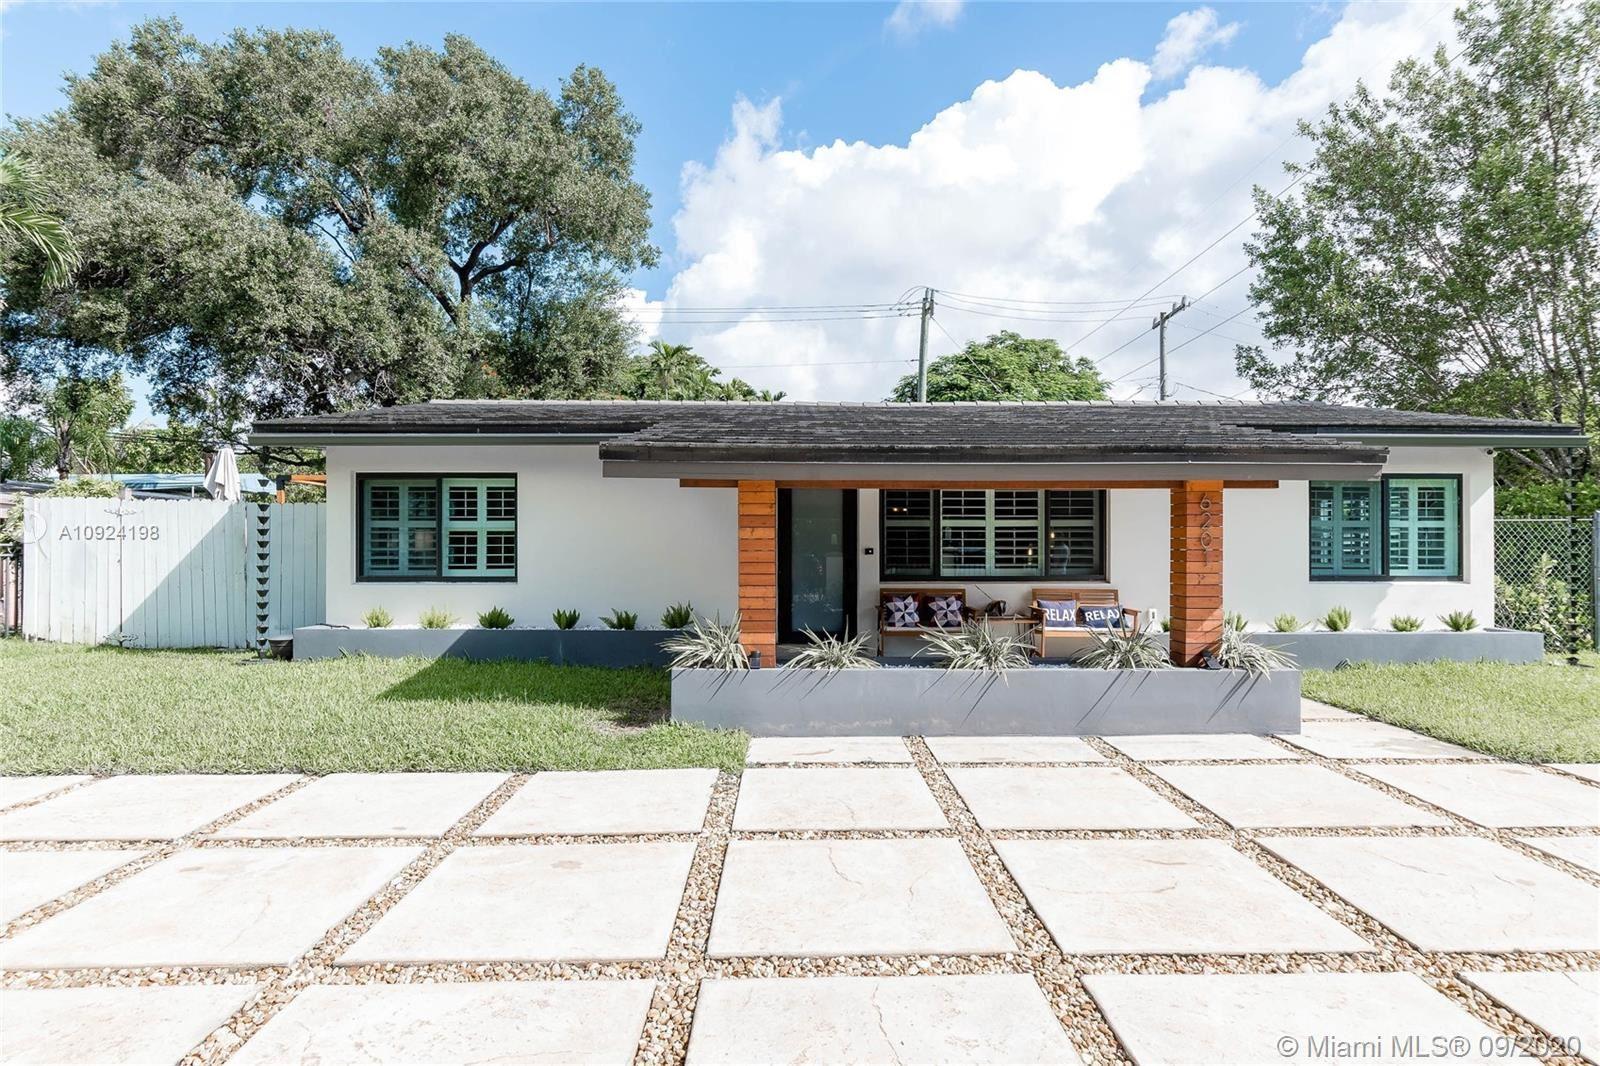 6201 SW 36 Street, Miami, FL 33155 - #: A10924198